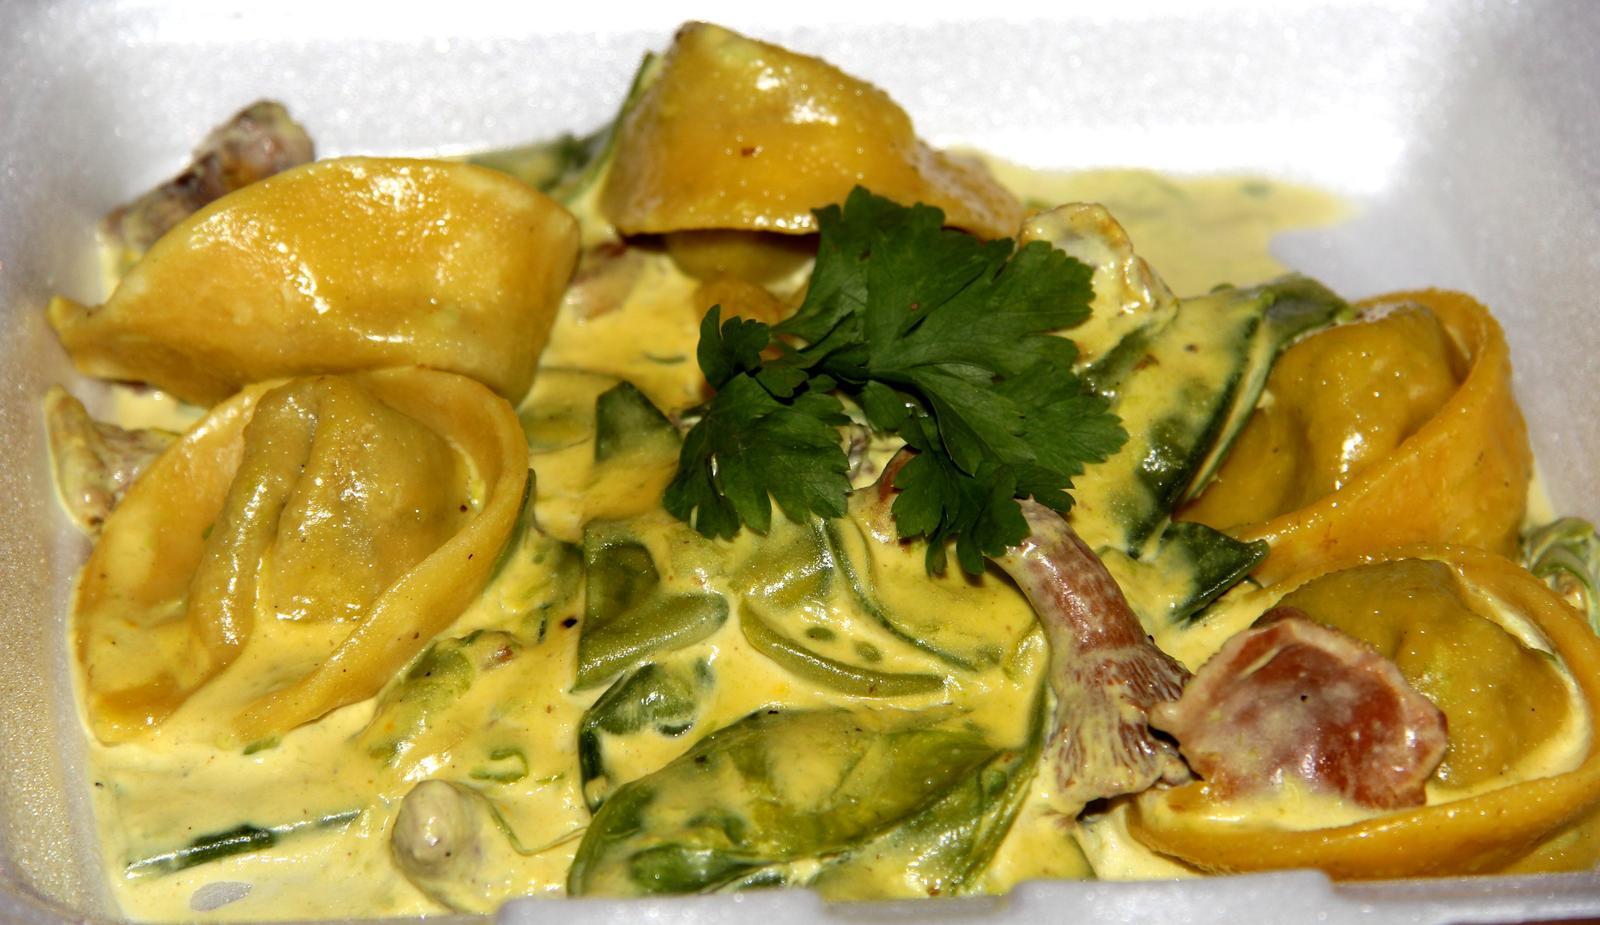 Degustační požitek - domácí houbové tortellini s šafránovou omáčkou z lišek, cukrového hrášku a smetany - FUJ FUJ FUJ FUJ FUJ